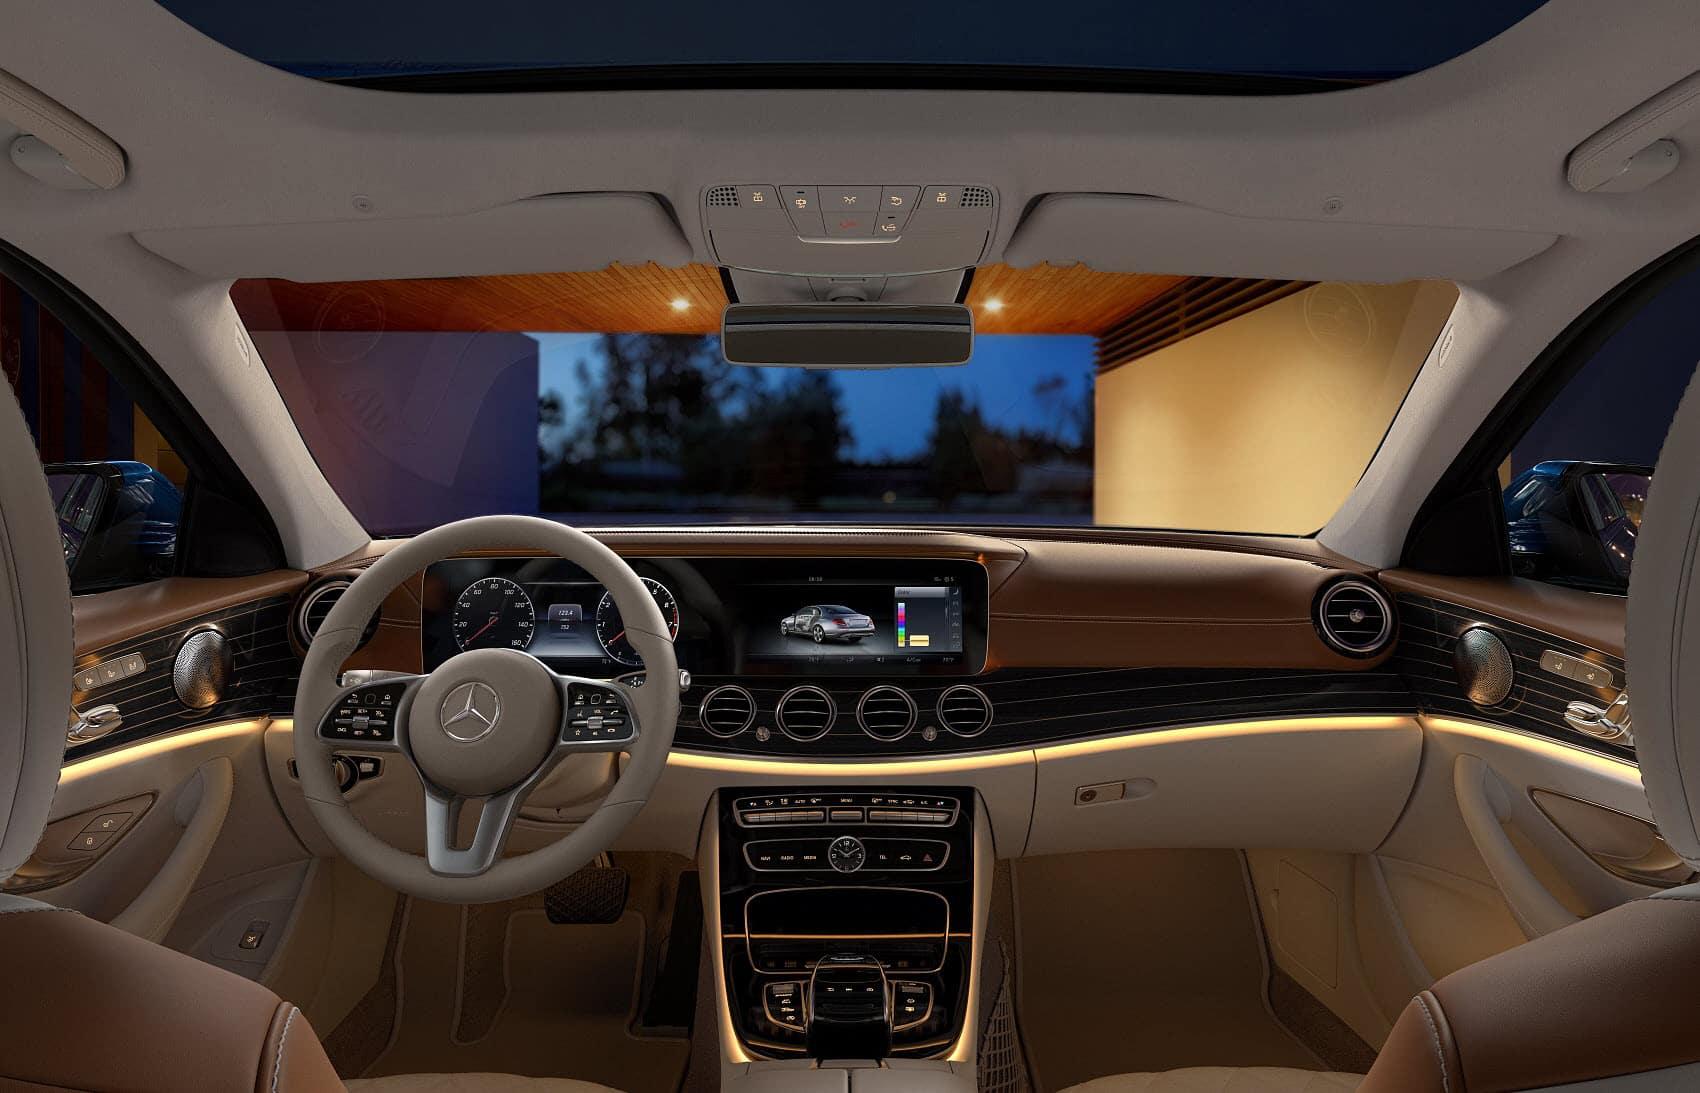 Mercedes Benz E-Class Interior